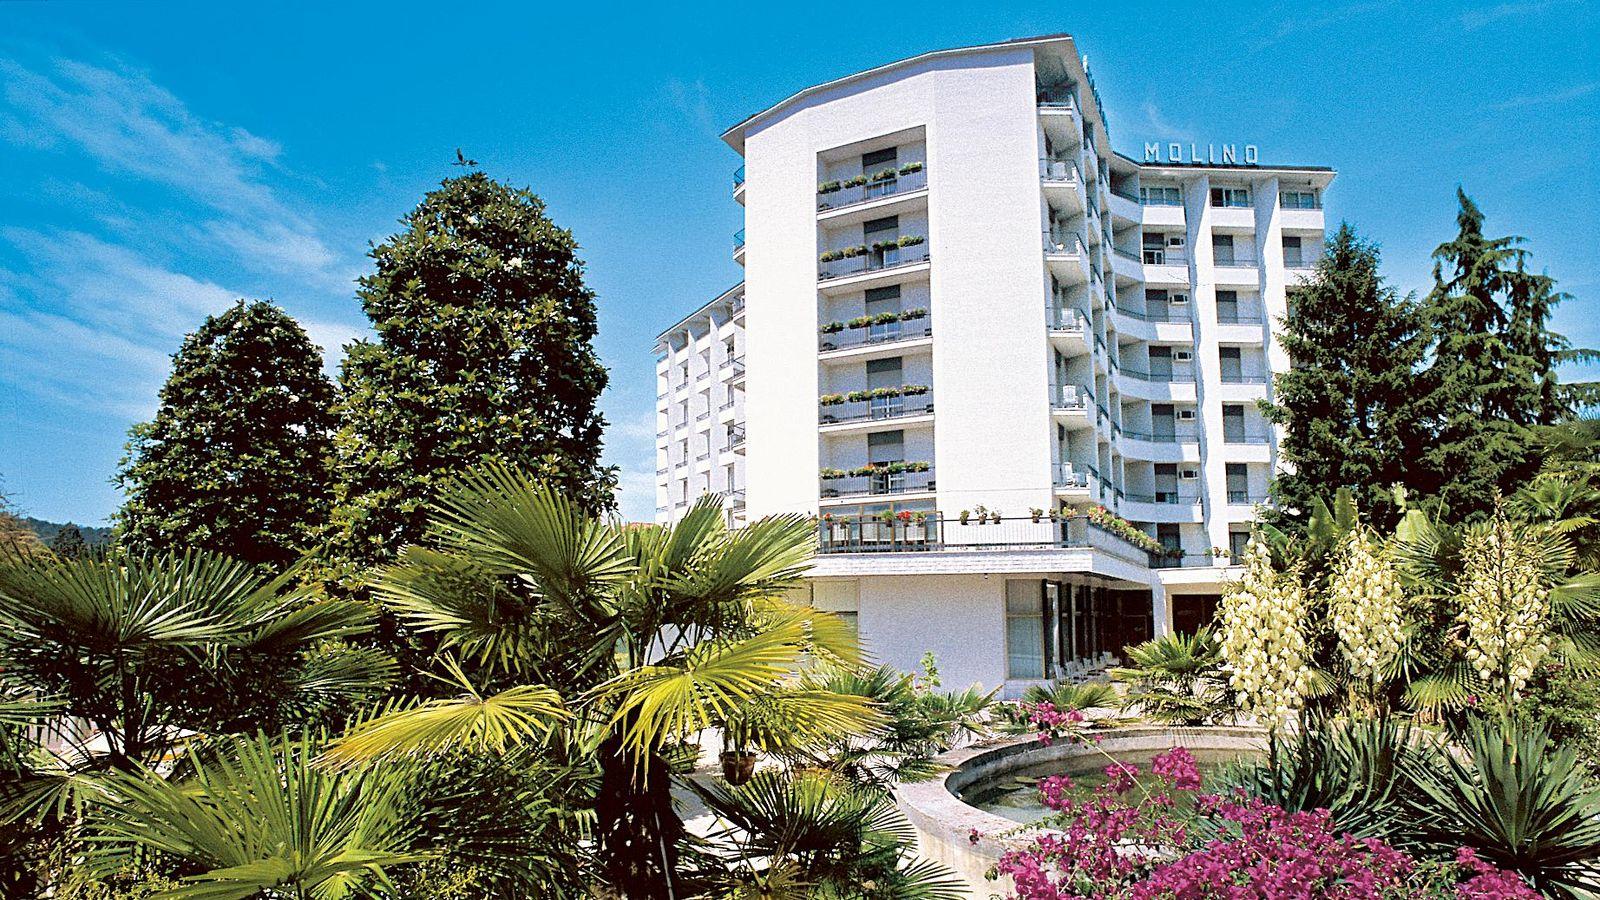 Vasca Da Bagno Ariston Prezzi : Hotel ariston molino buja in abano terme u2013 prenota ora la migliore